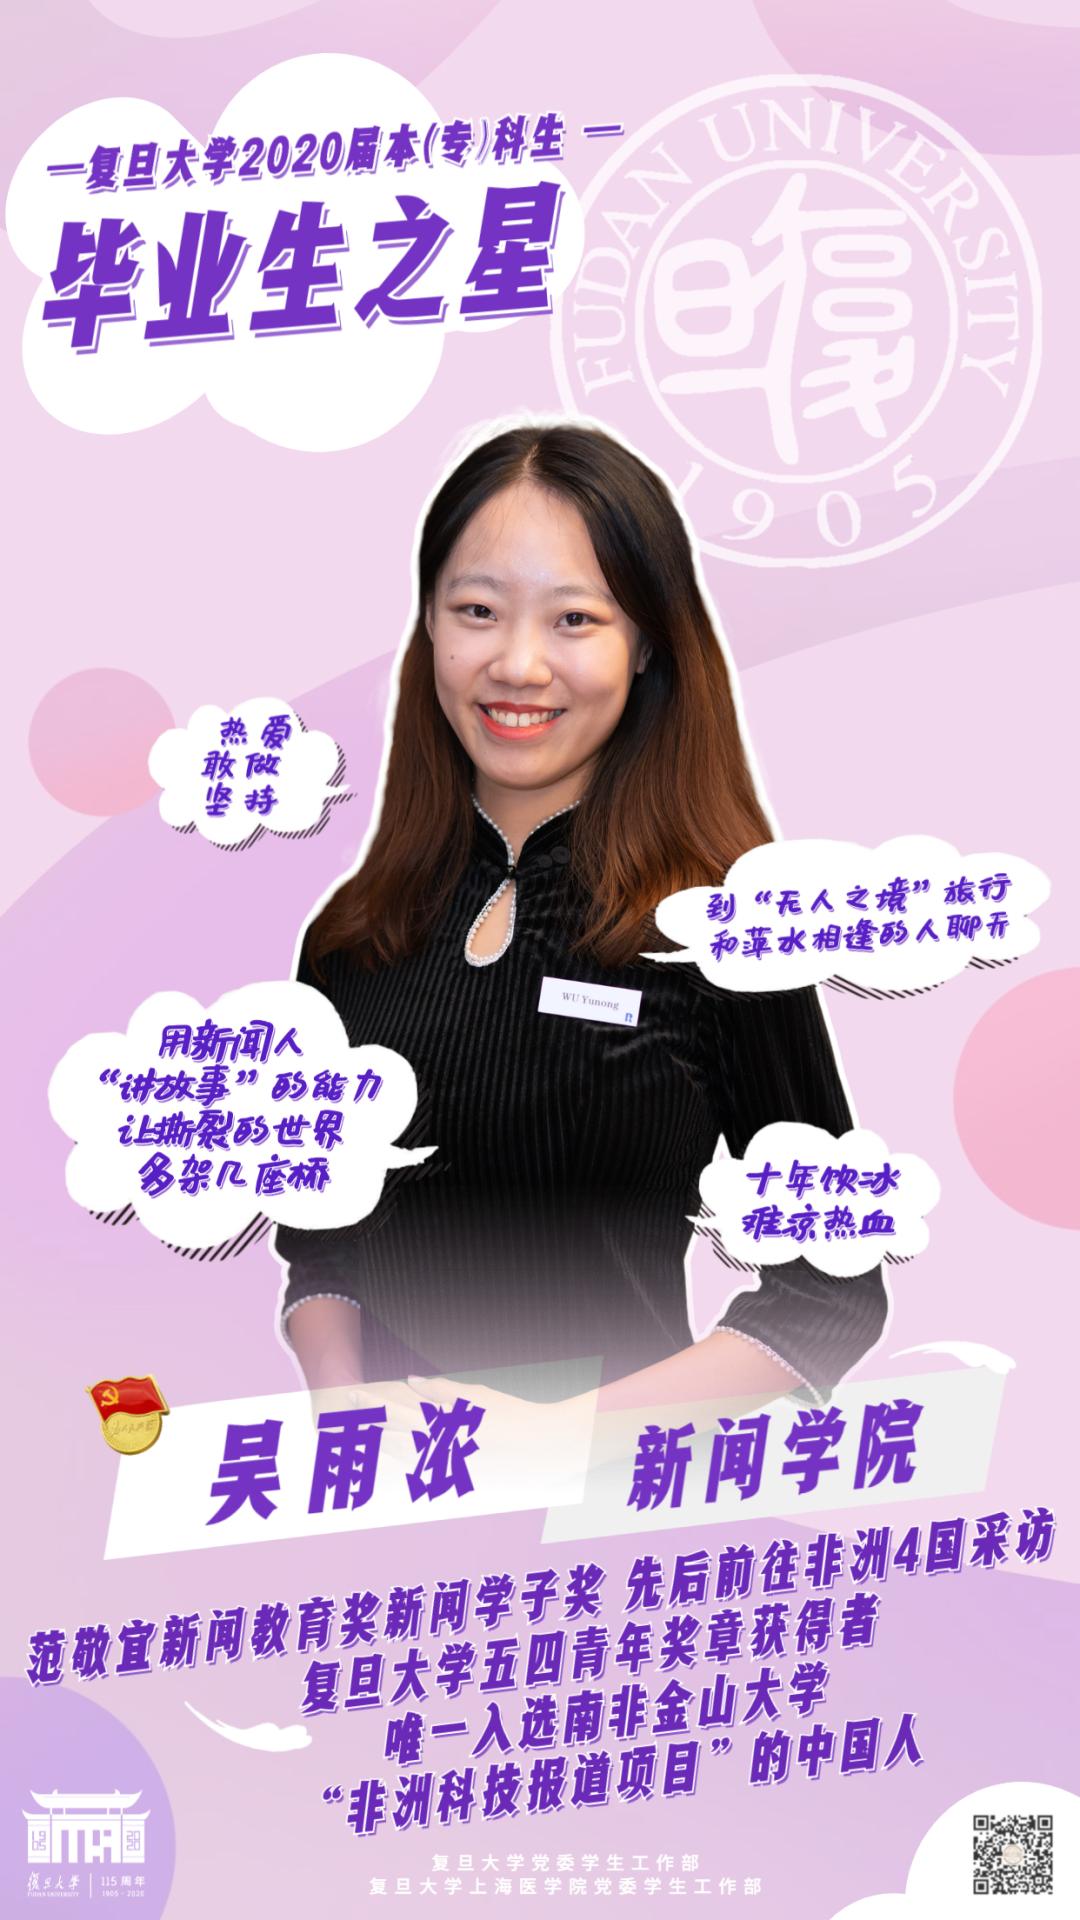 杏悦平台,界舞台杏悦平台书写复旦新闻图片